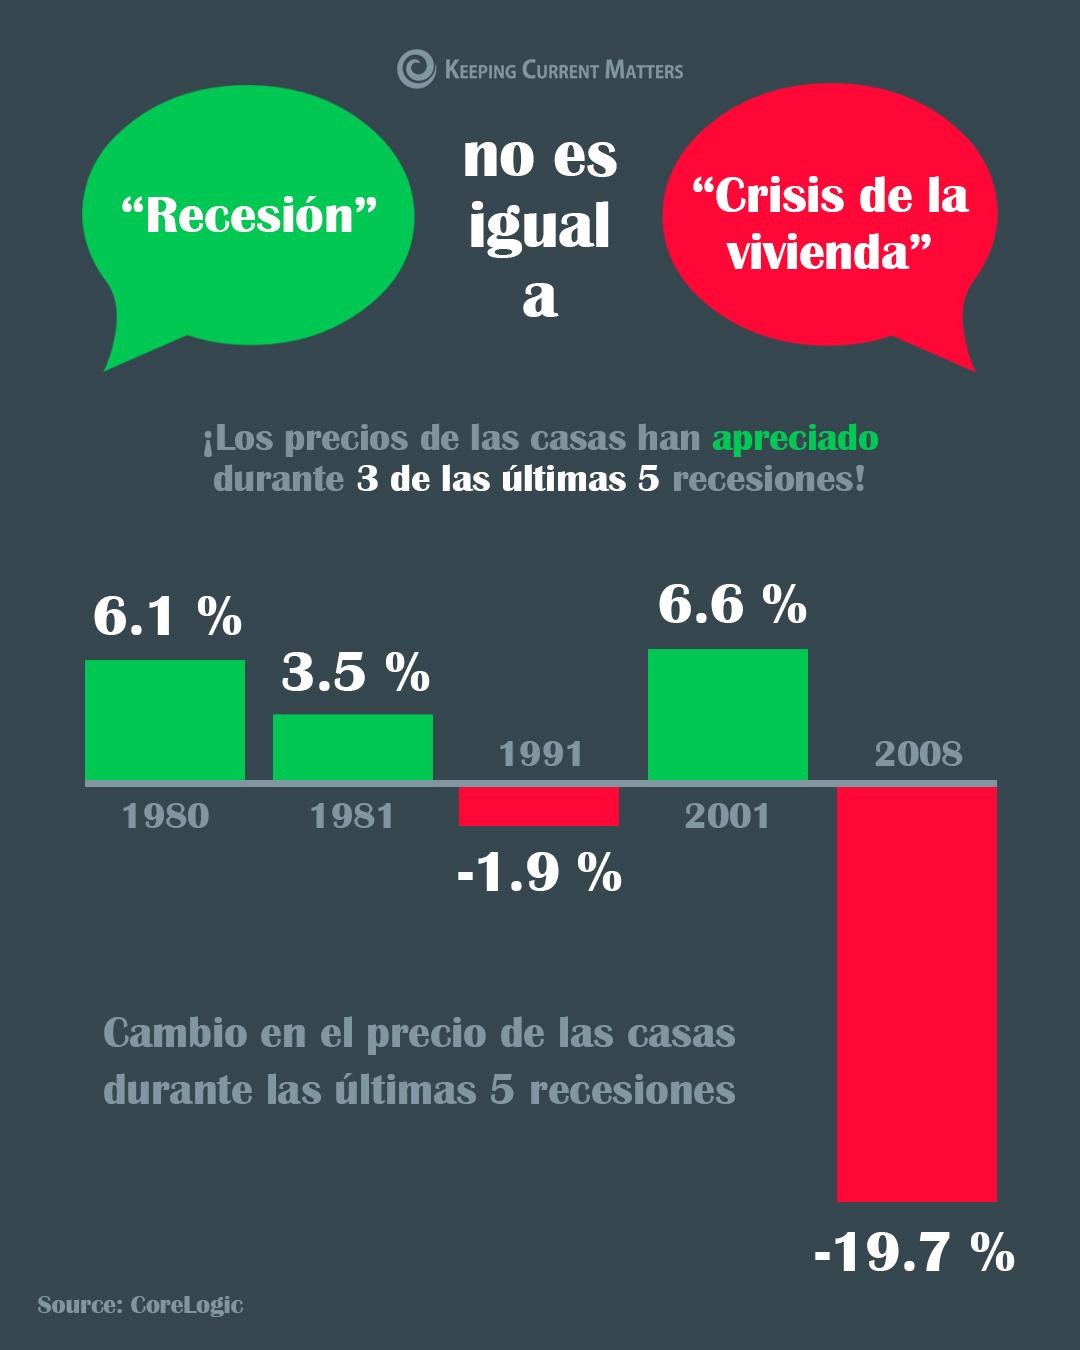 Recesión no es igual a crisis de la vivienda [Infografía] | Keeping Current Matters